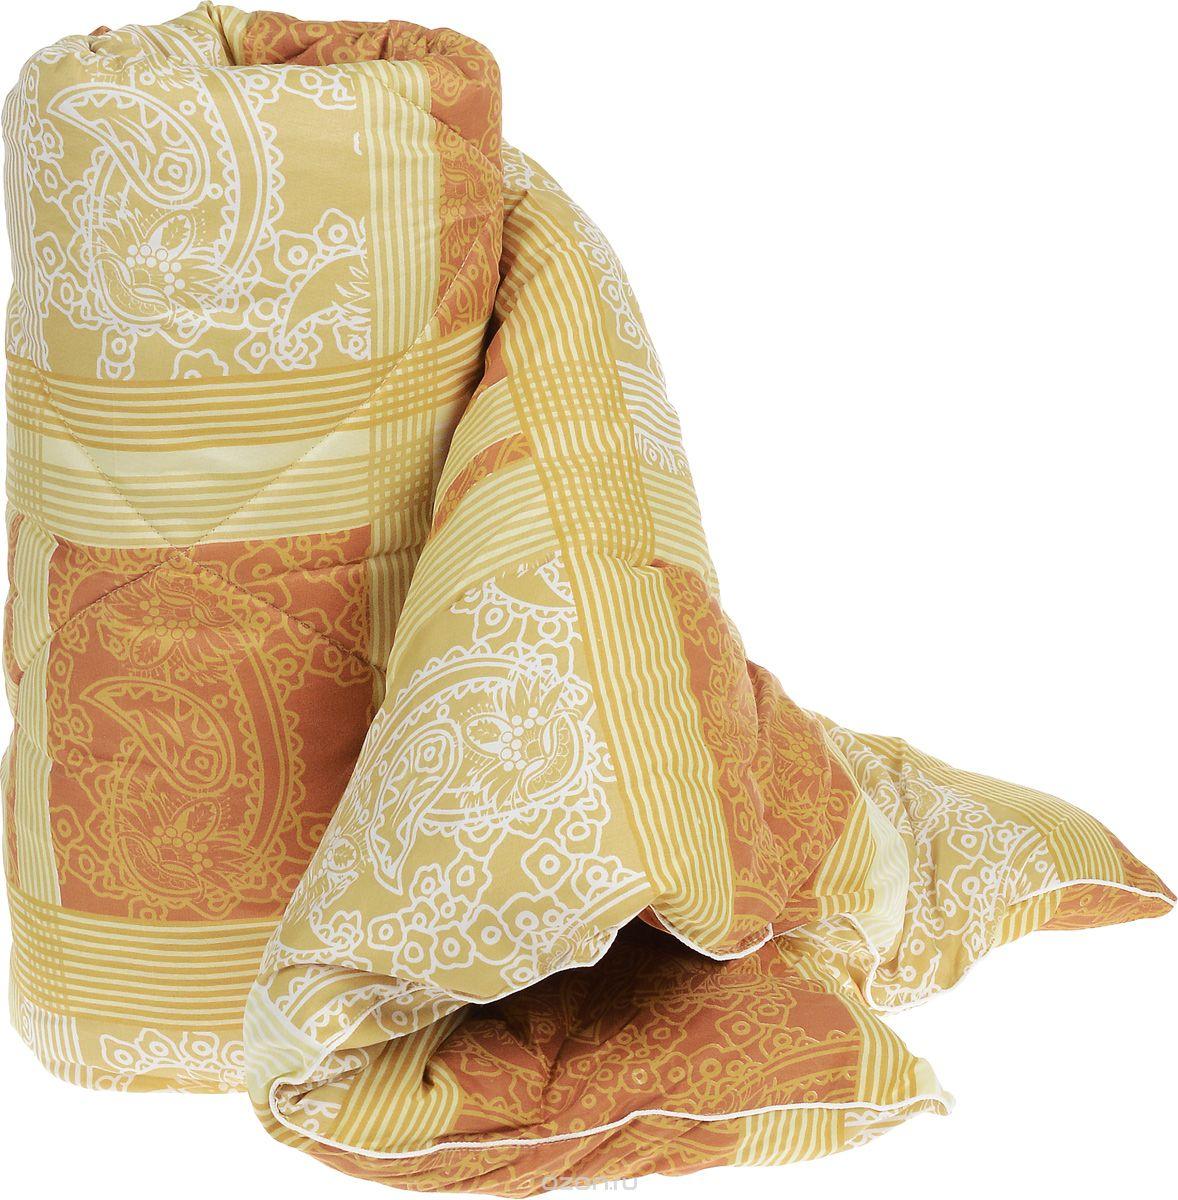 """Теплое стеганое одеяло Легкие сны """"Золотое руно"""" с наполнителем из  овечьей шерсти расслабит, снимет усталость и  подарит вам спокойный и здоровый сон.  Шерстяные волокна, получаемые из овечьей шерсти, имеют полую структуру, придающую  изделиям высокую износоустойчивость. Чехол одеяла, выполненный из смесовой ткани отлично пропускает воздух, создавая эффект  сухого тепла. Одеяло простегано. Стежка надежно  удерживает наполнитель внутри и не позволяет ему  скатываться.  Рекомендации по уходу: Отбеливание, стирка, барабанная сушка и глажка запрещены. Разрешается химчистка. Уважаемые клиенты!  Товар поставляется в цветовом ассортименте. Поставка осуществляется в зависимости от наличия на складе."""